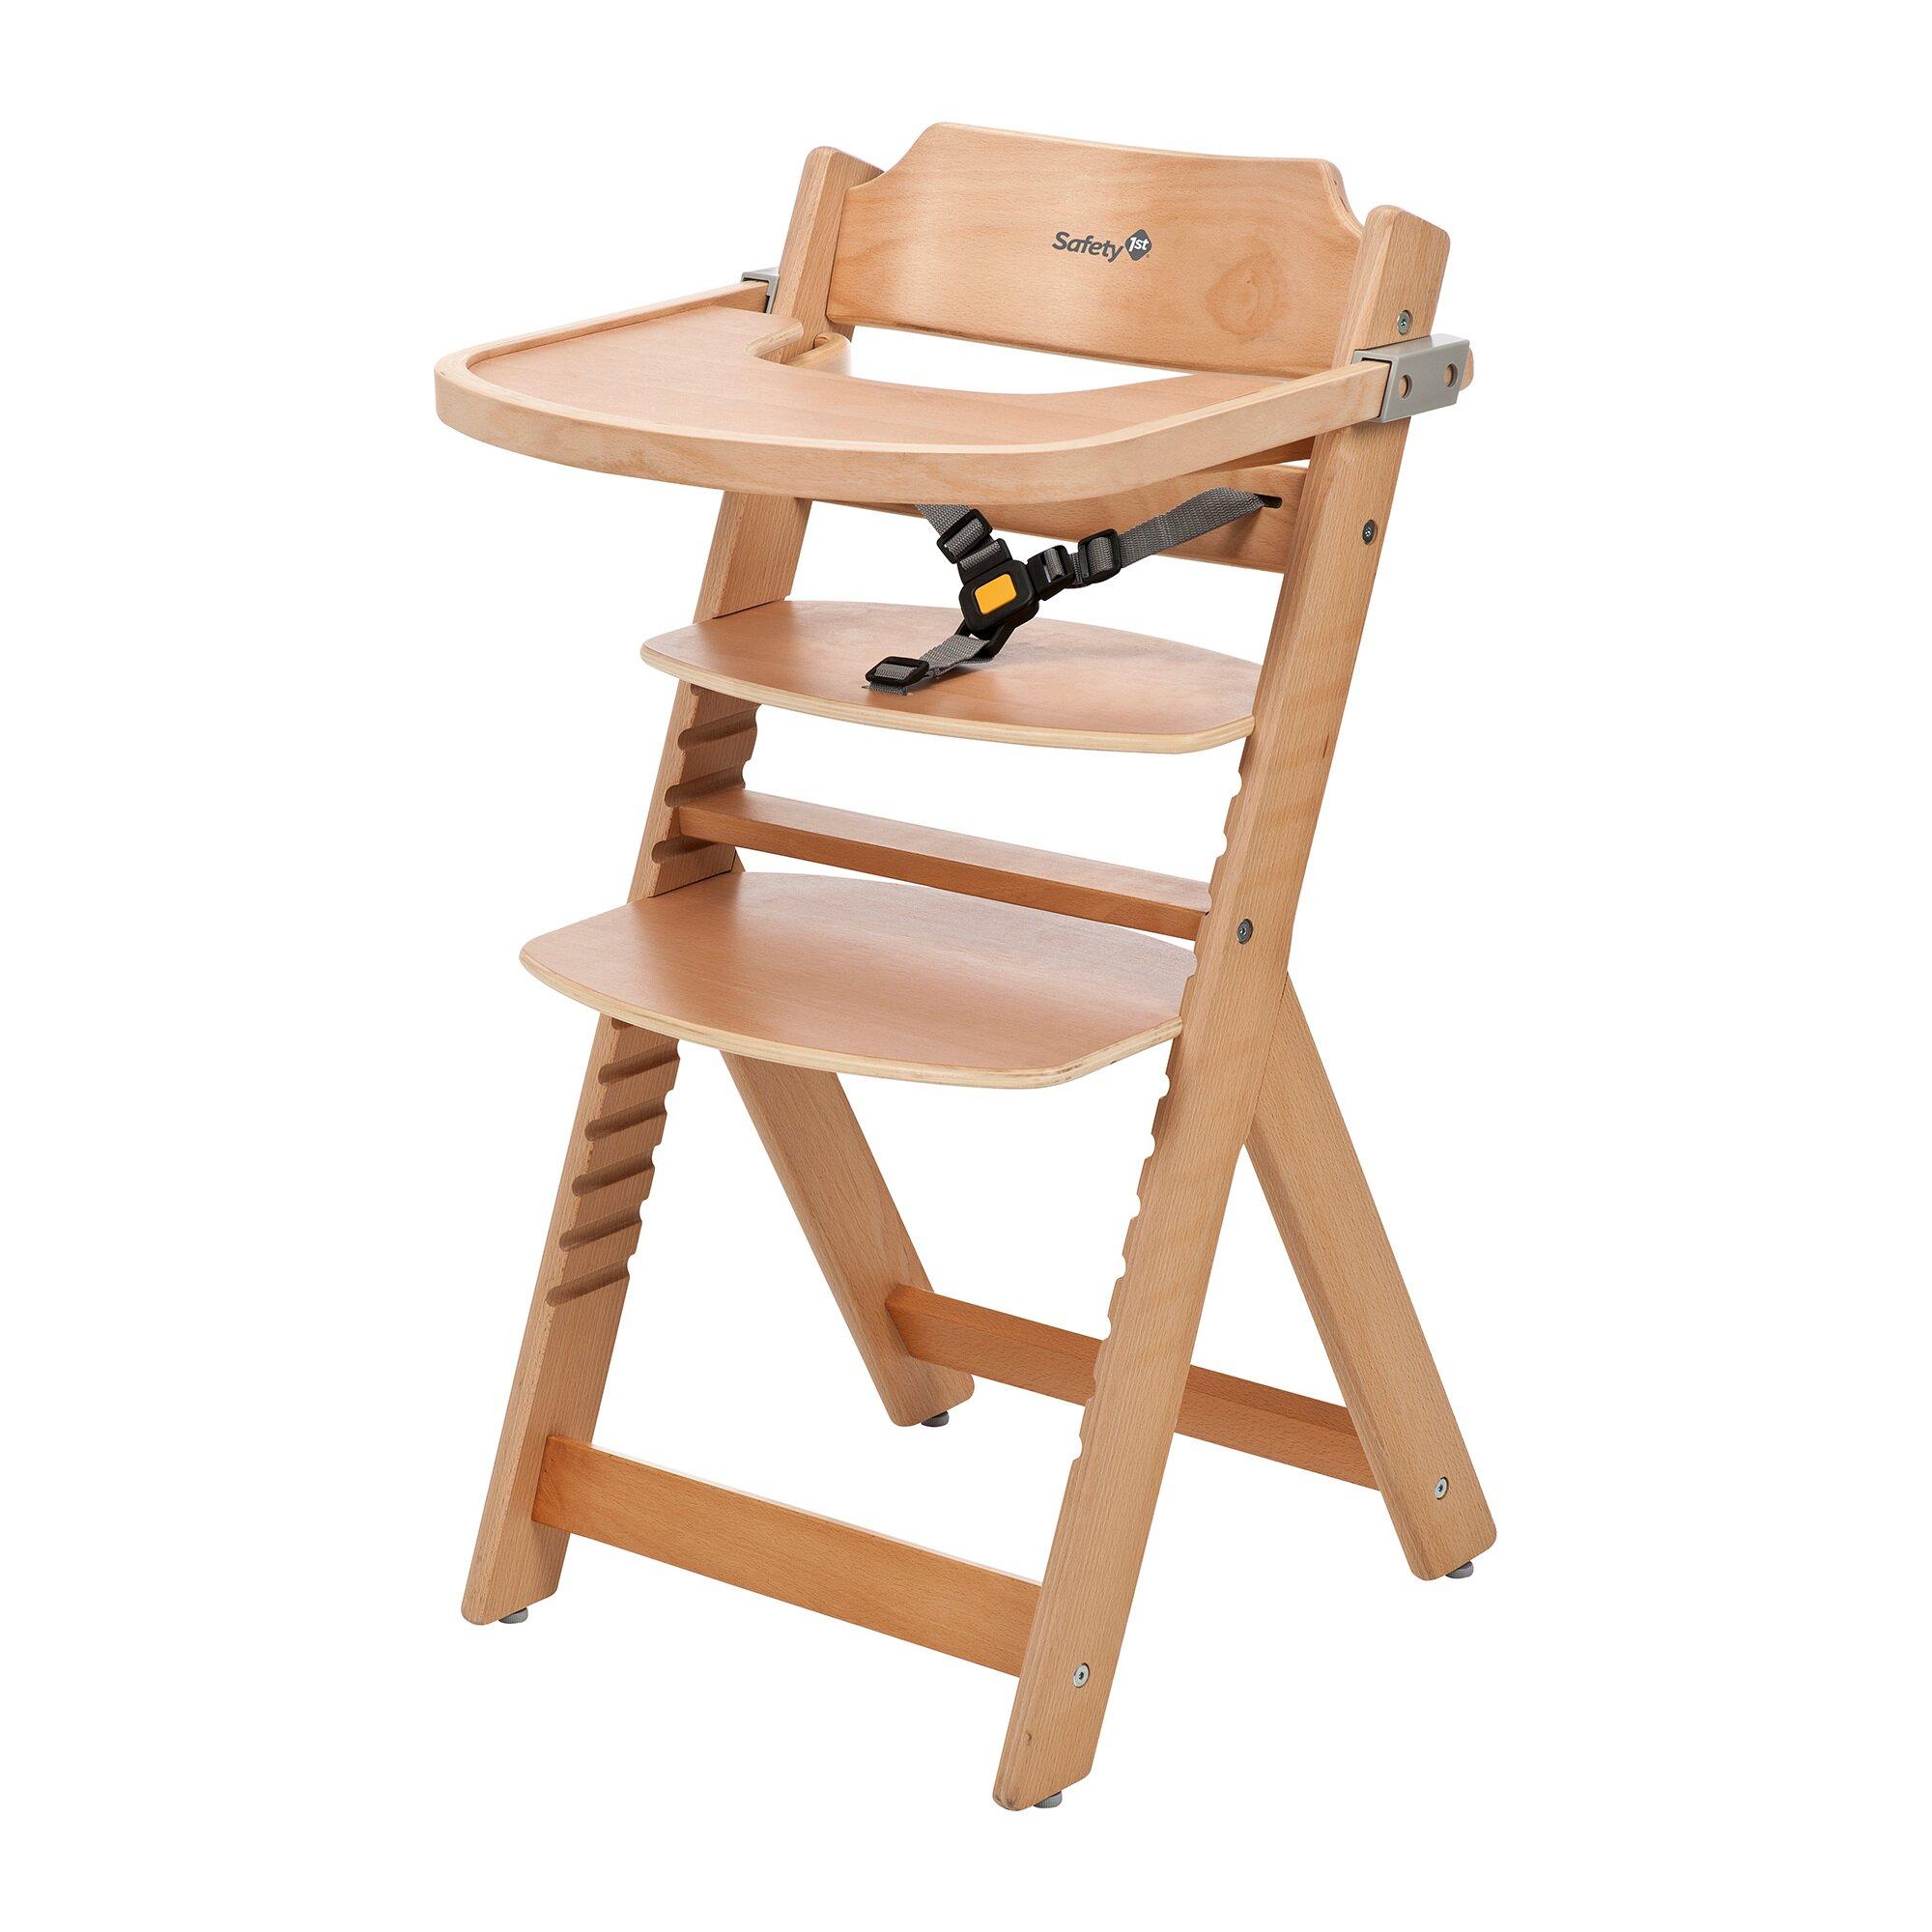 safety-1st-hochstuhl-timba-mit-essbrett